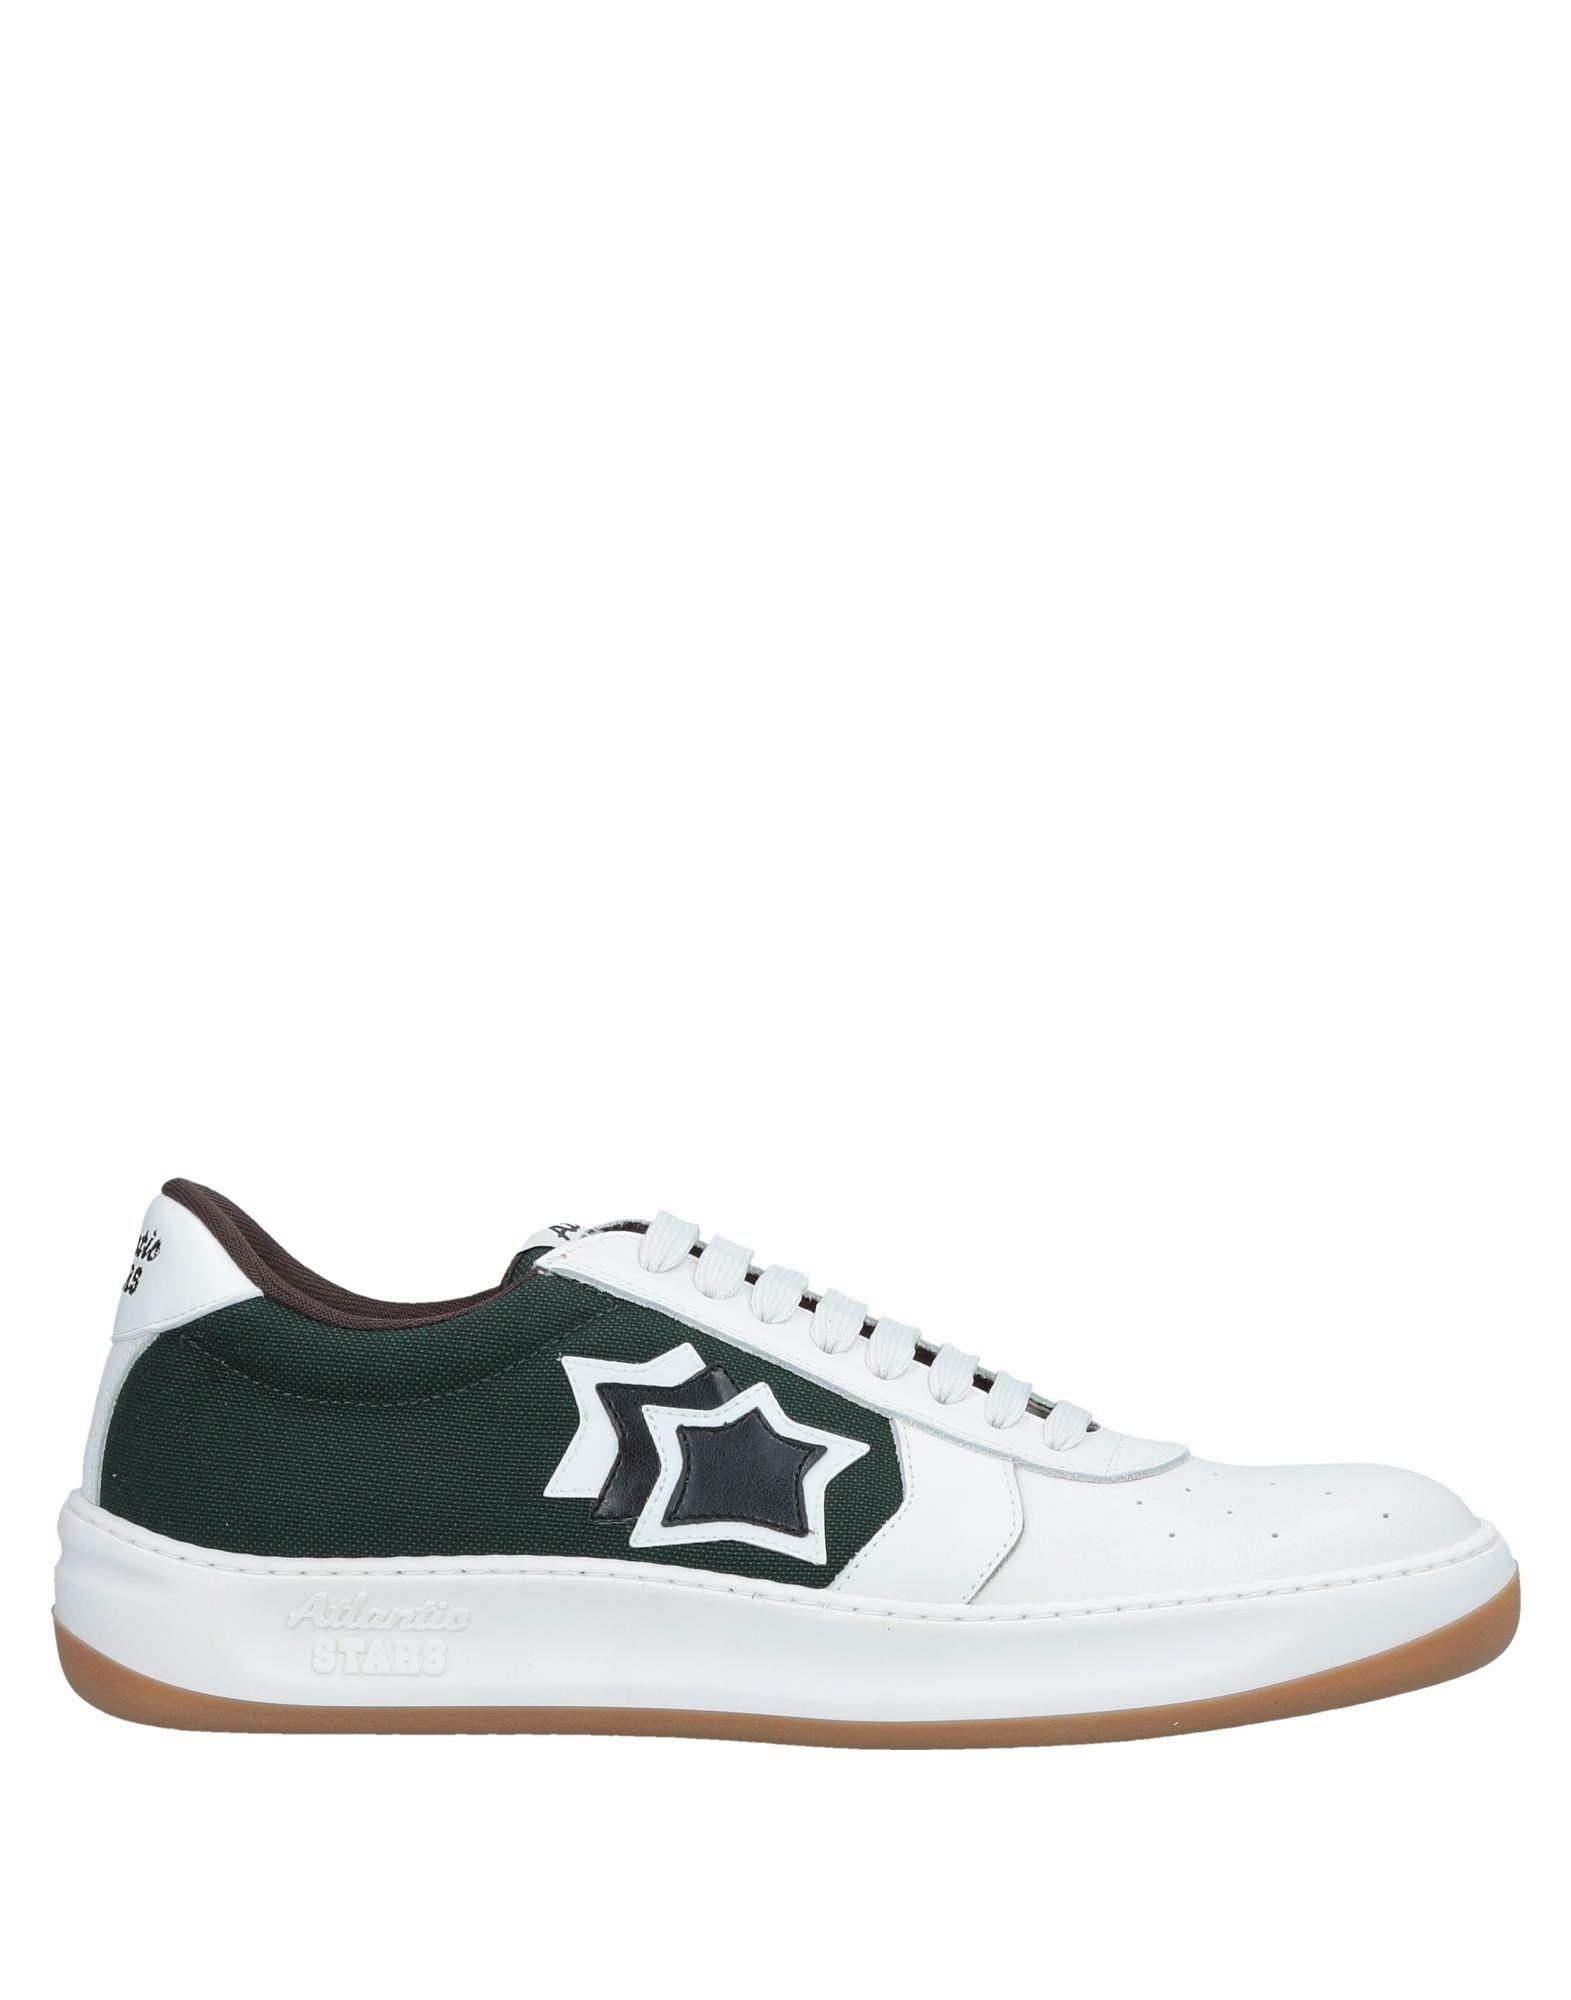 Rabatt echte Schuhe Atlantic  Stars Sneakers Herren  Atlantic 11524754VQ 7a224b